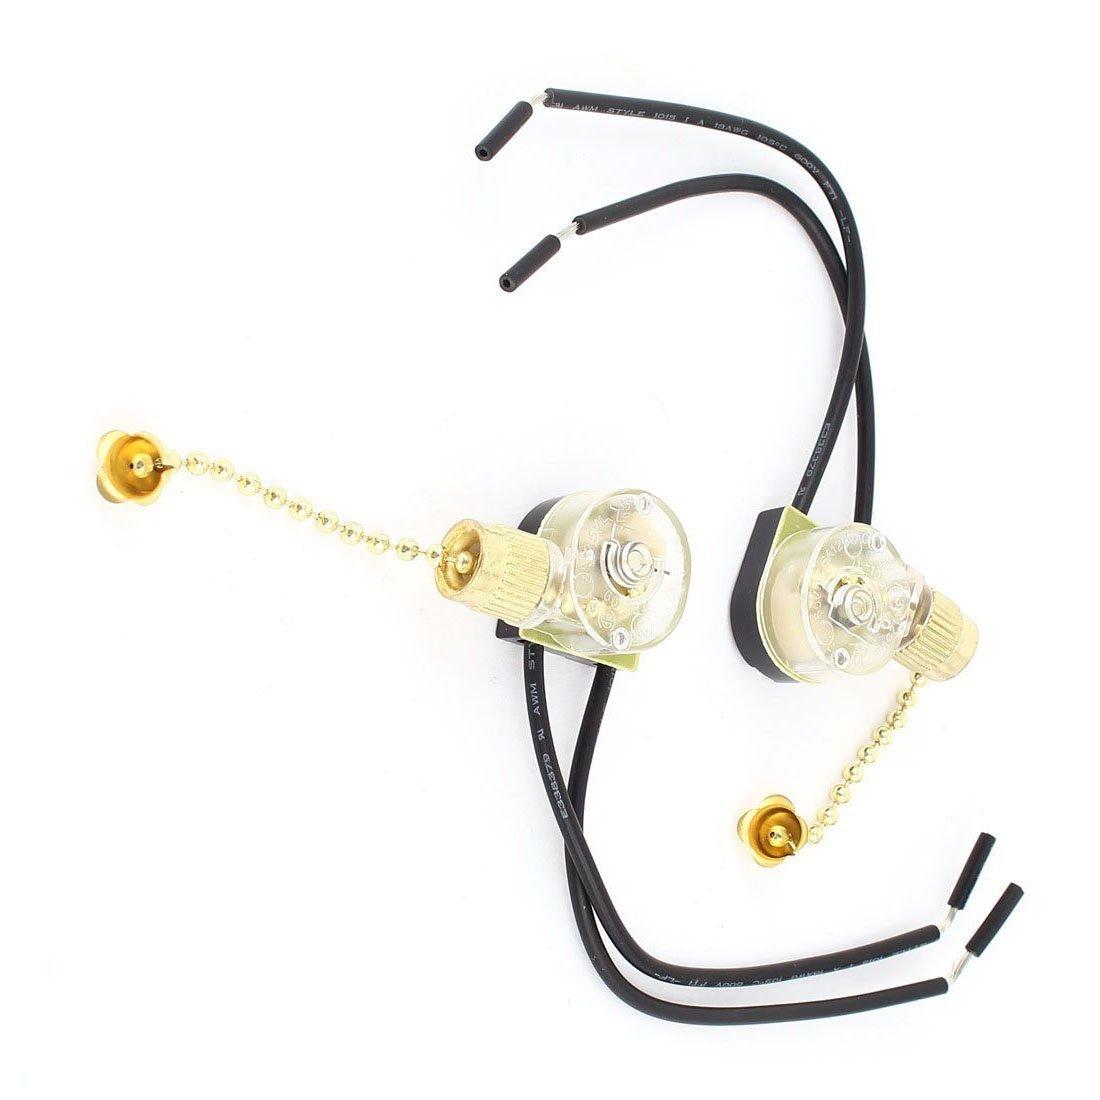 cremallera Interruptor - SODIAL(R) 2 PIEZAS CA 3A 250V 6A 125V Con cable Ventilador De Techo Cadena Interruptor Tono Oro: Amazon.es: Bricolaje y herramientas